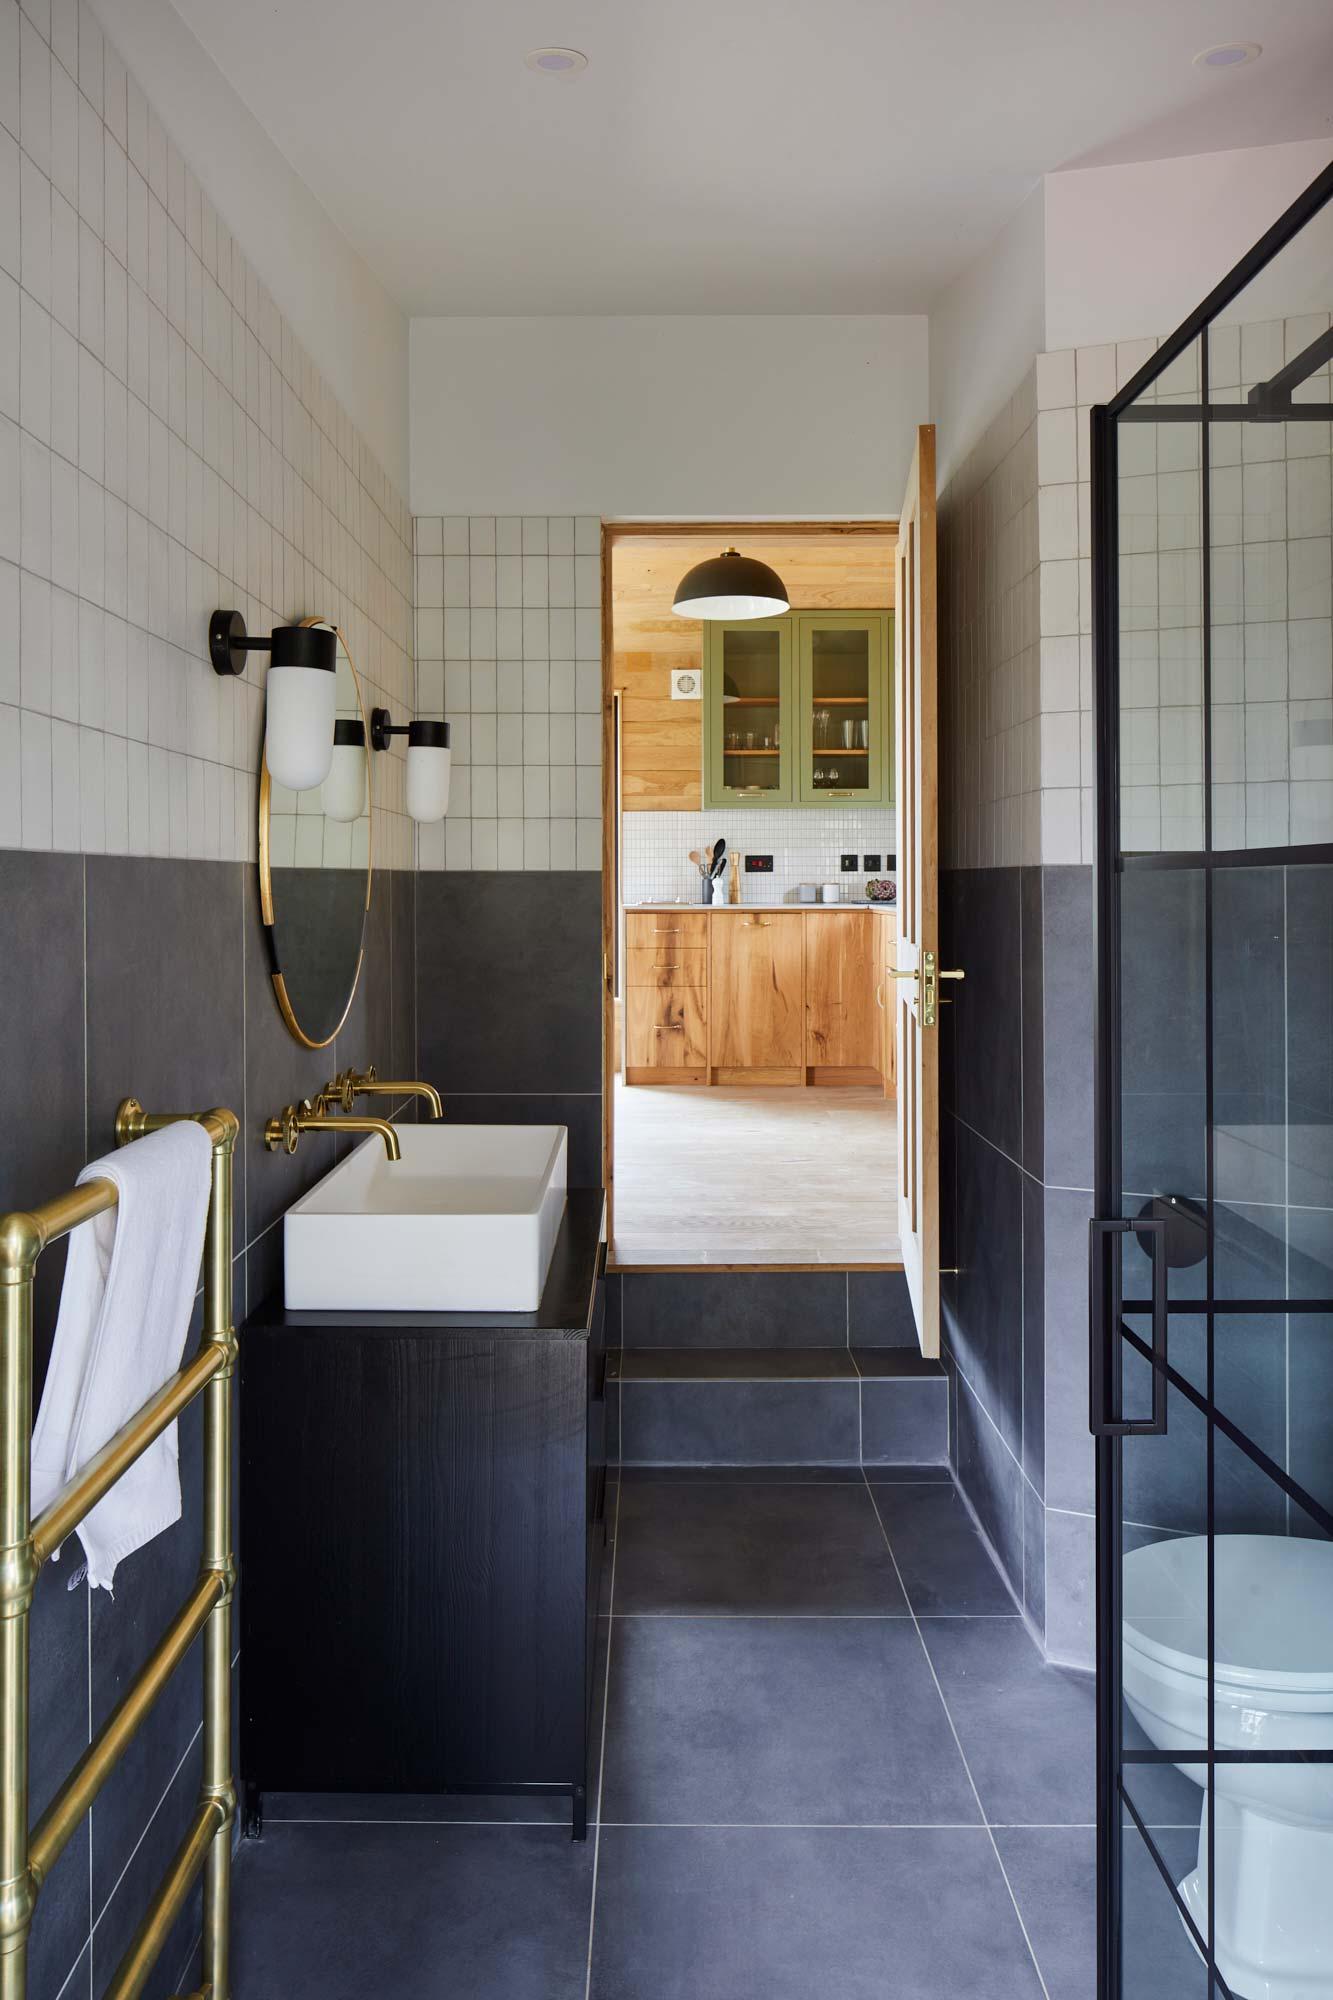 Rustic treehouse bathroom